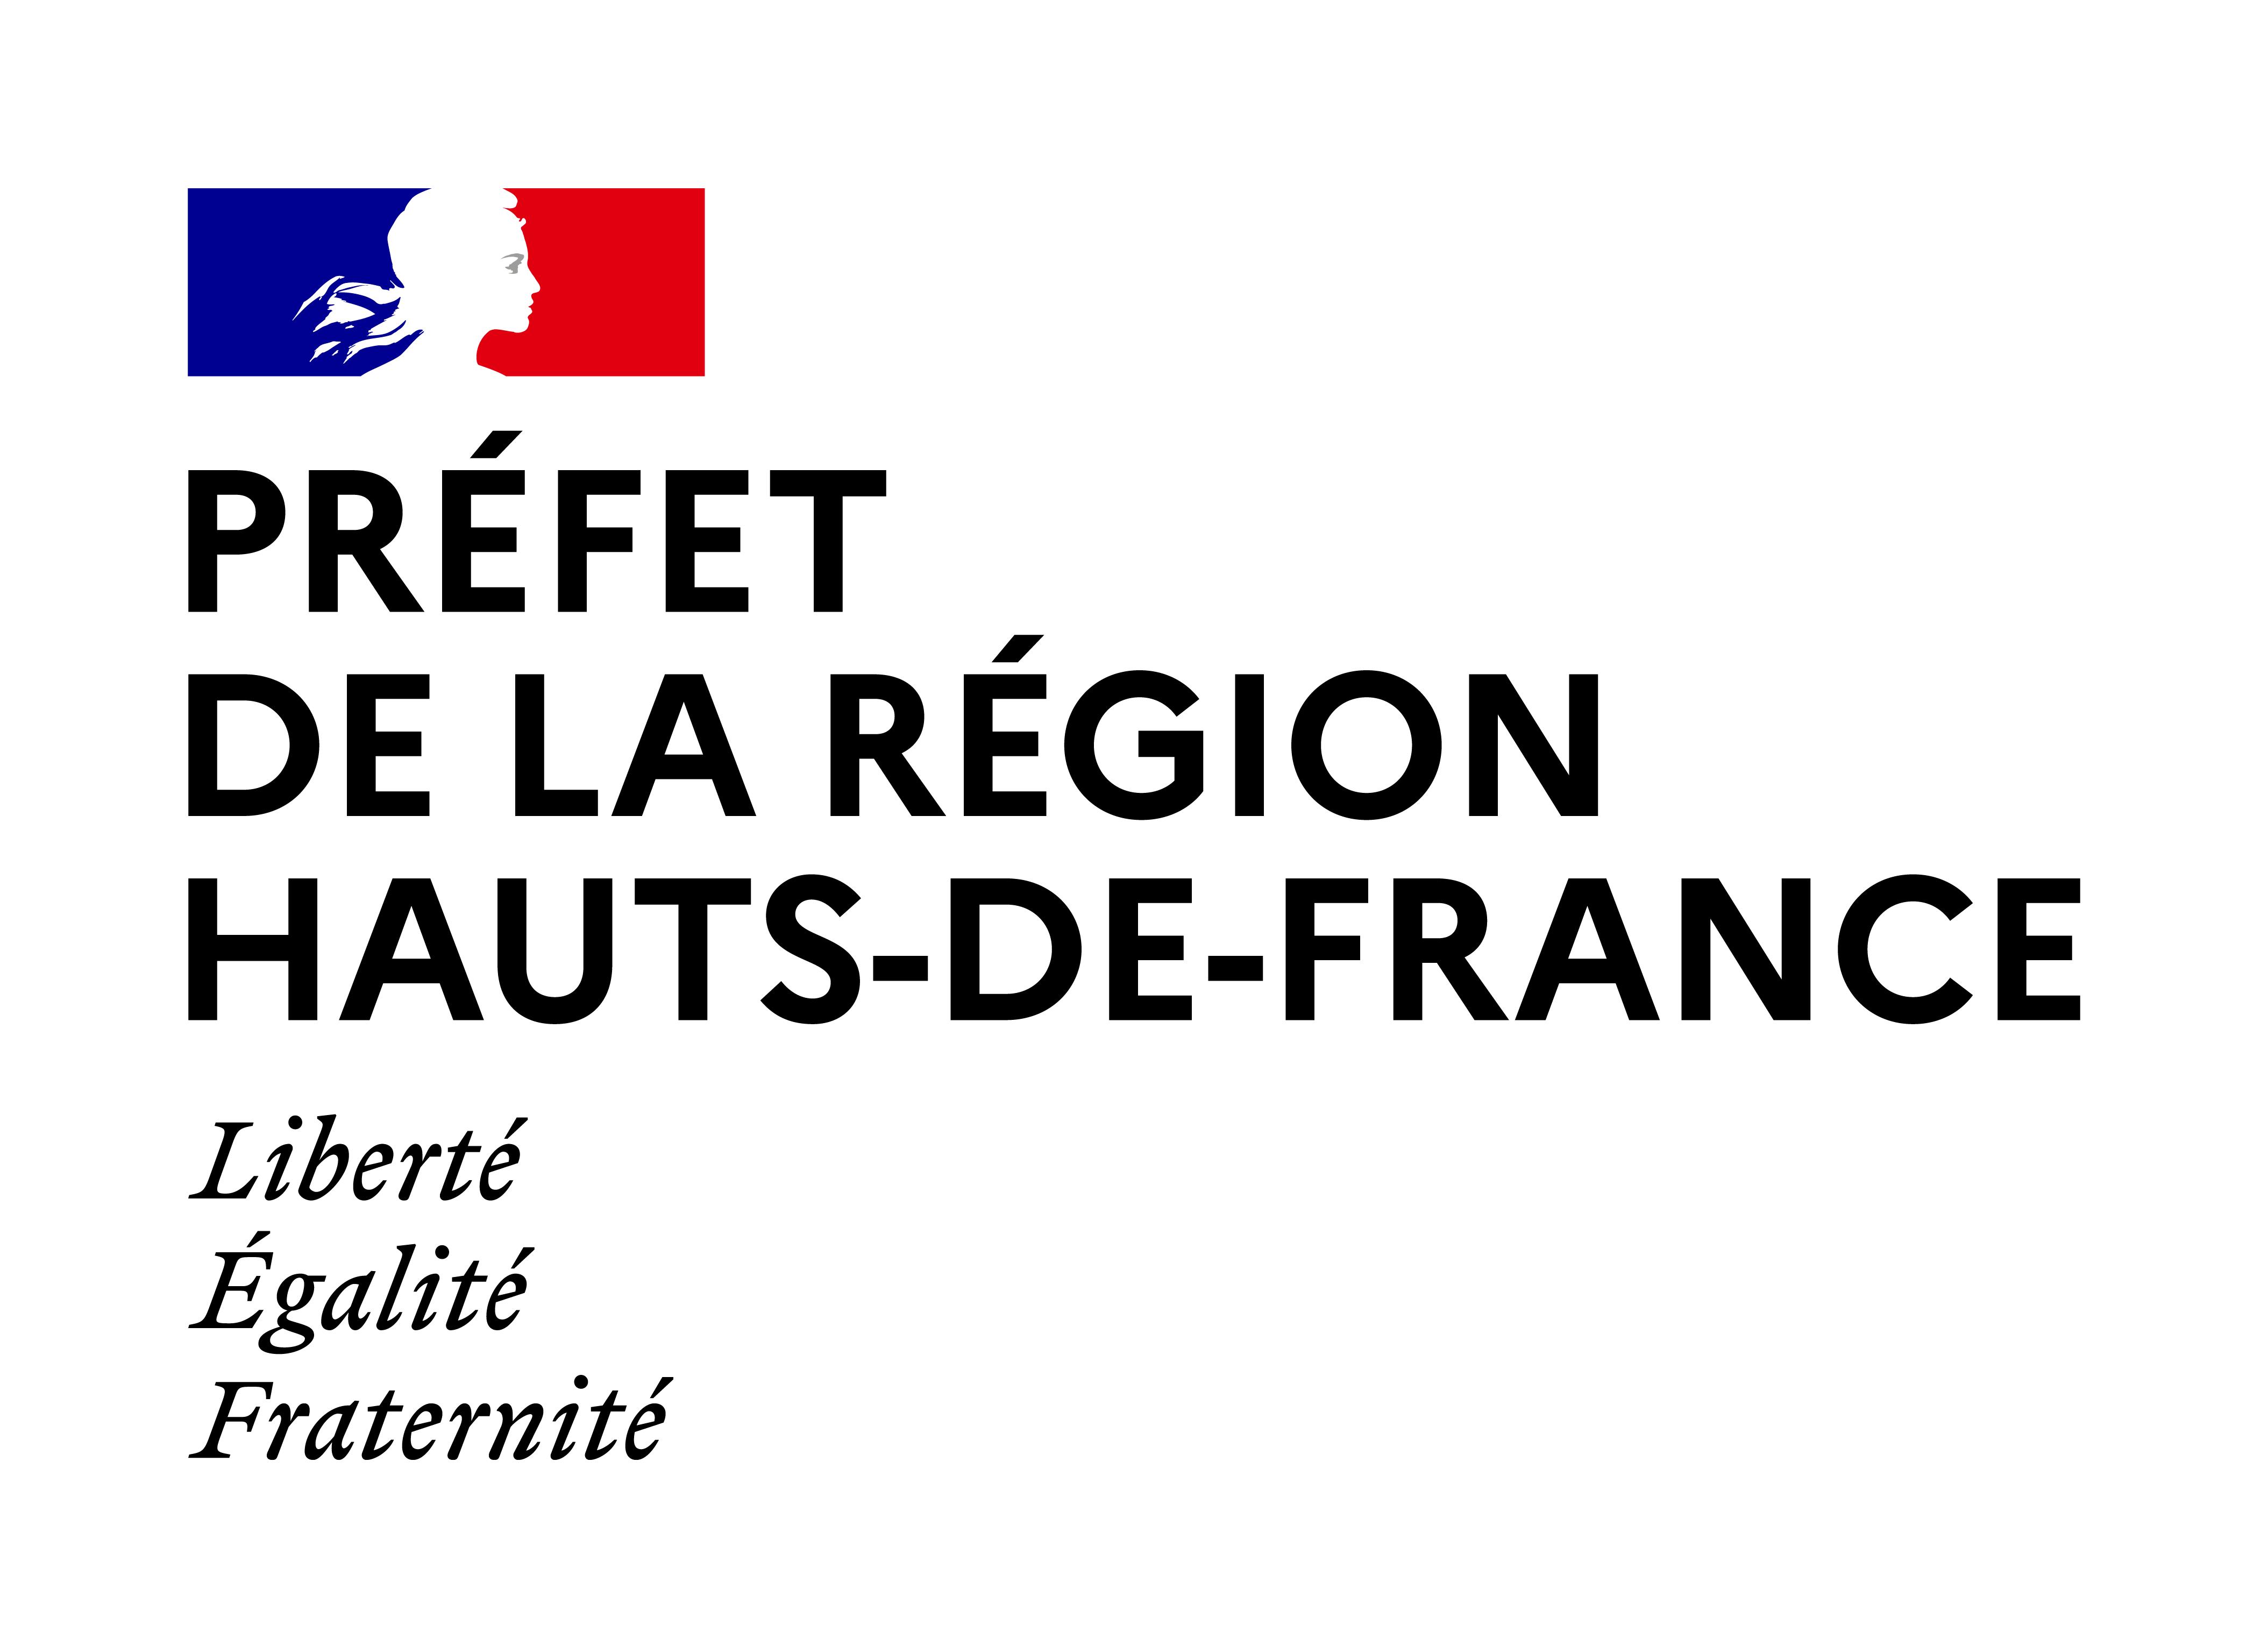 Préfet de région Hauts-de-France